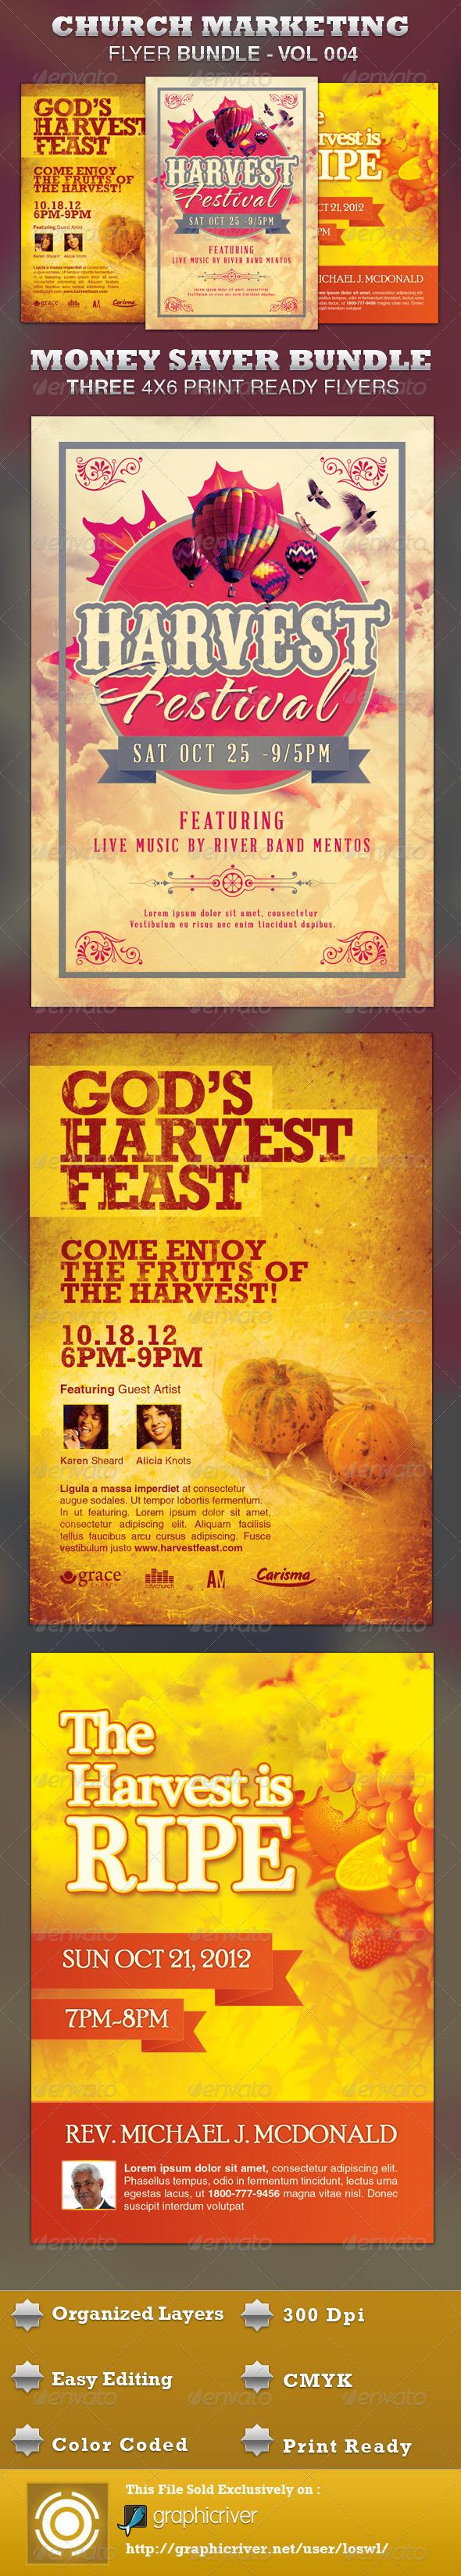 Church Marketing Flyer Bundle Vol-004 - Church Flyers